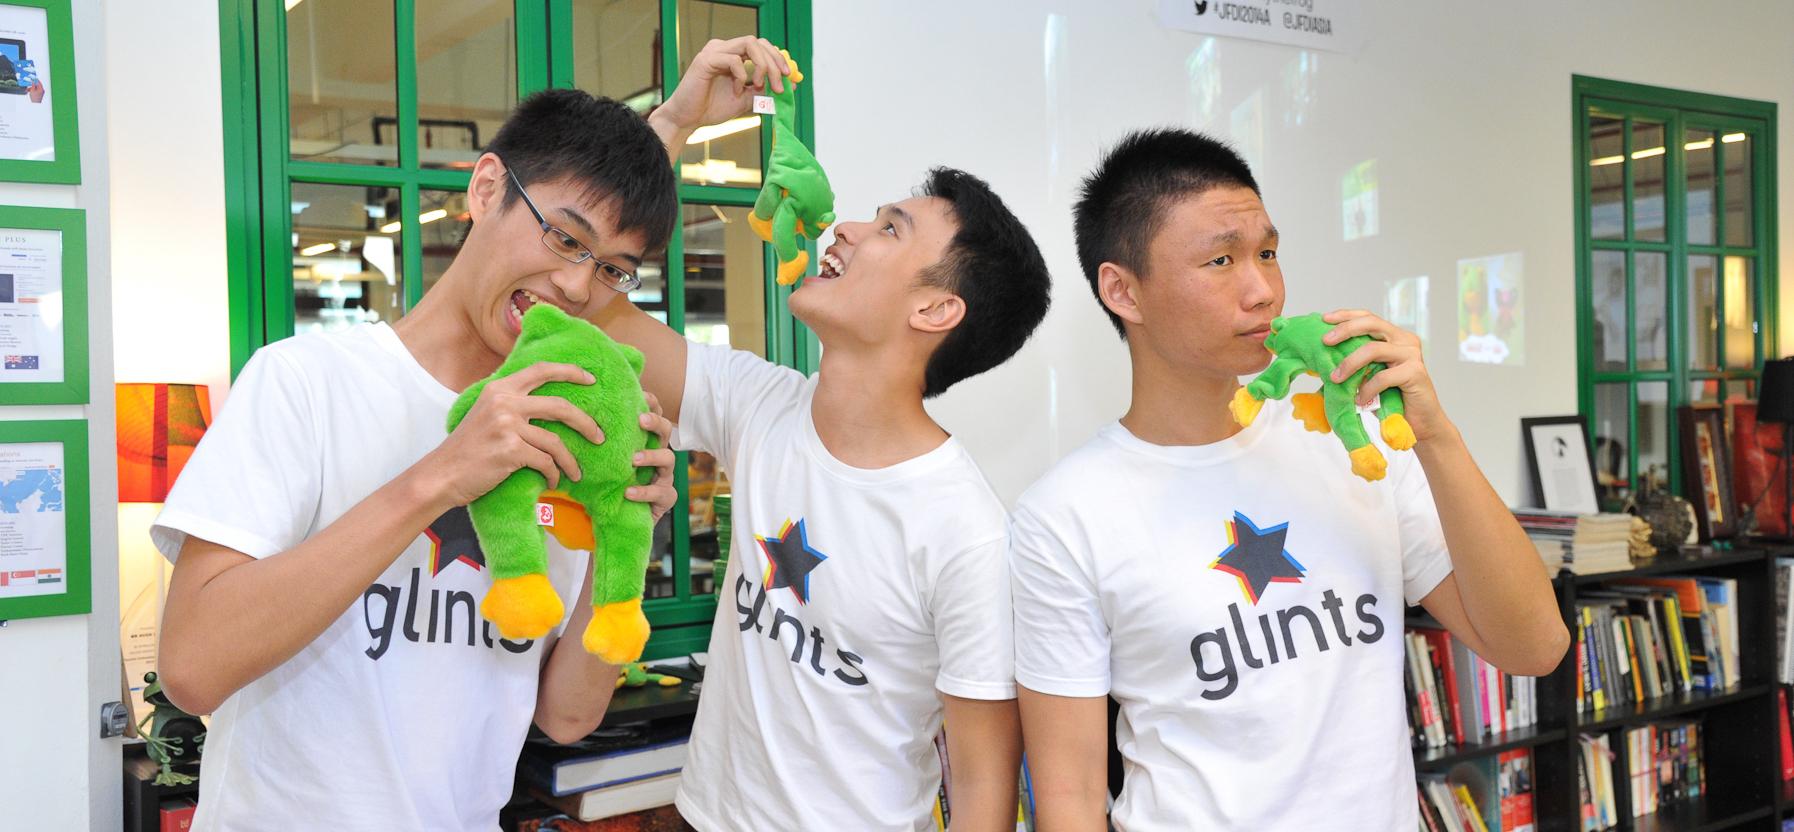 college dropouts raise million for youth job site glints glints team